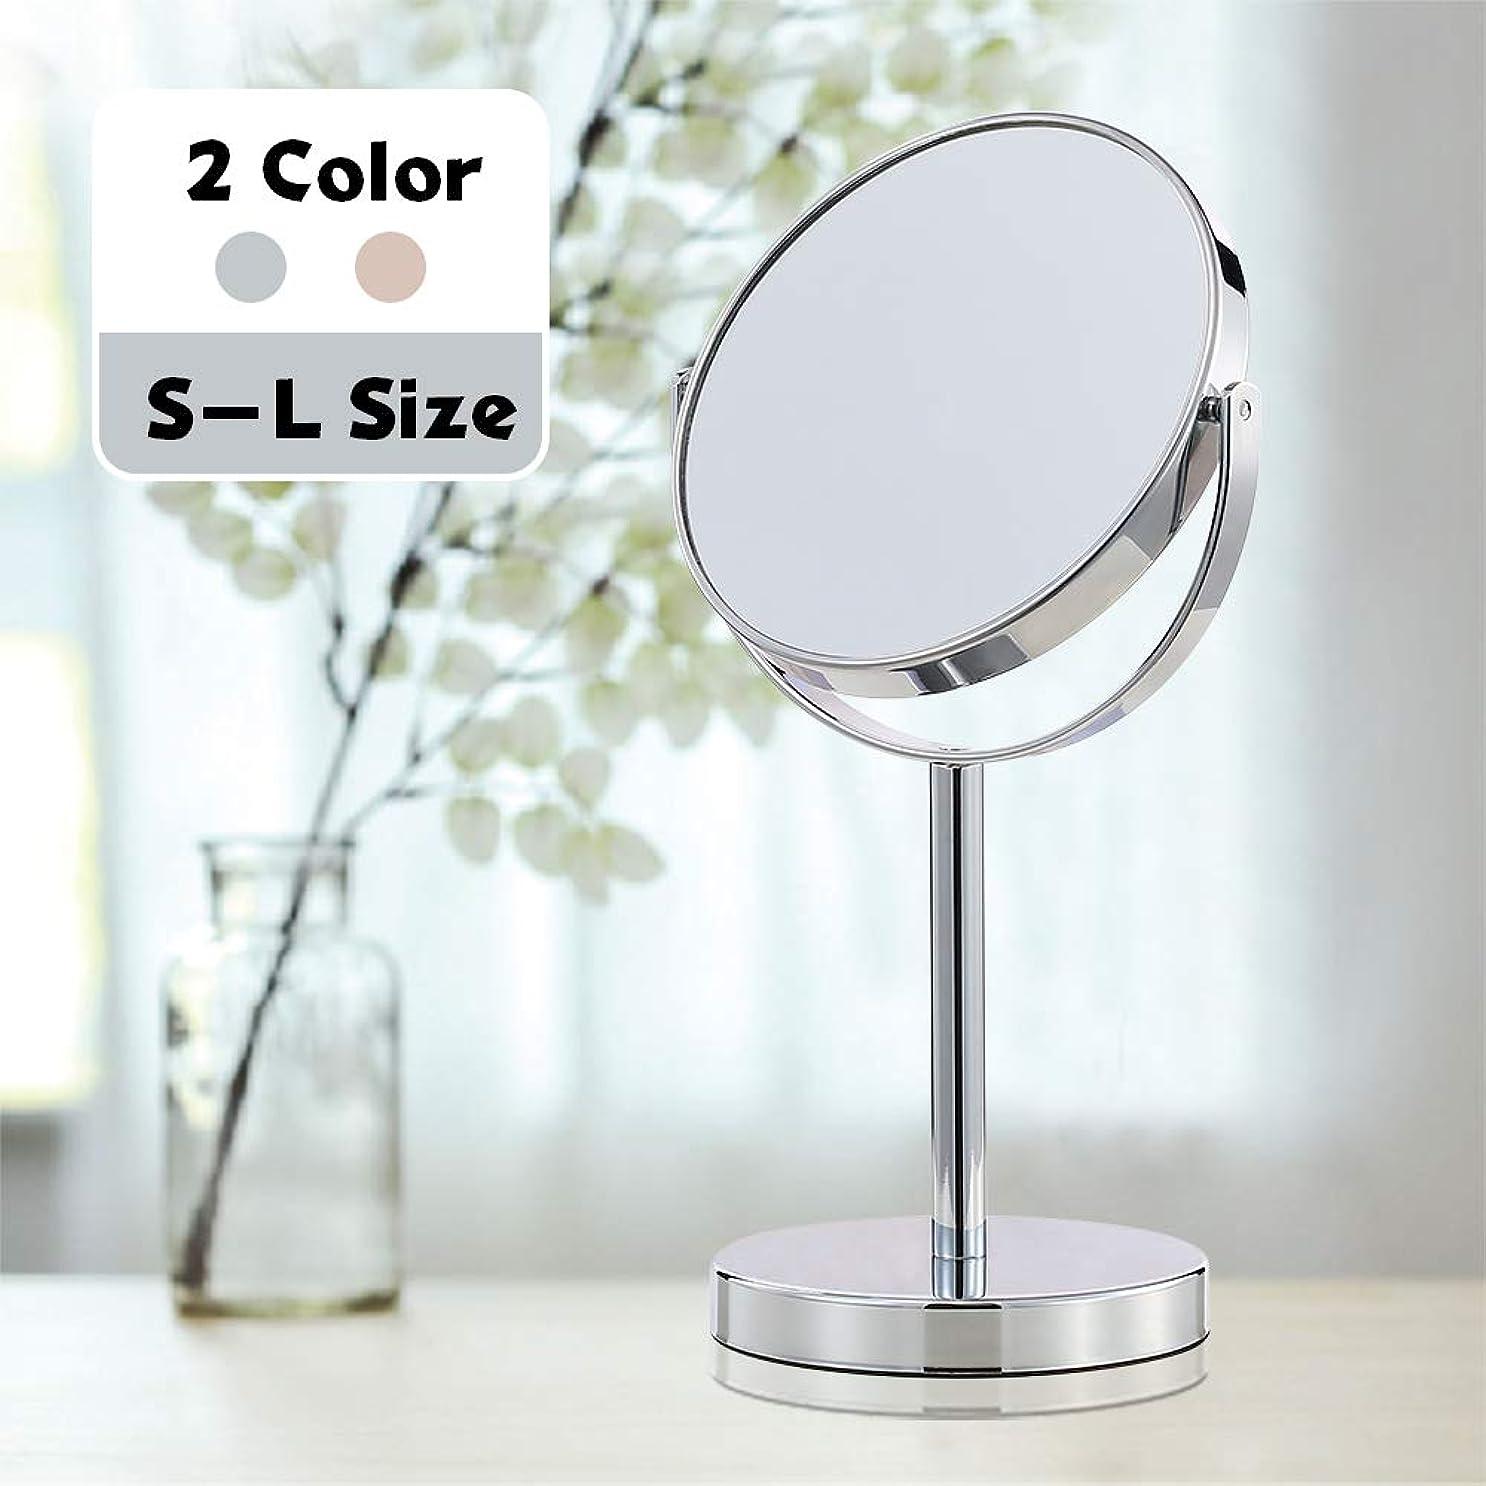 勇気大理石フラッシュのように素早く手鏡 化粧鏡 HAMSWAN コンパクトミラー 軽量 10倍拡大鏡 丸型 10cm*1.3cm(ブラック)